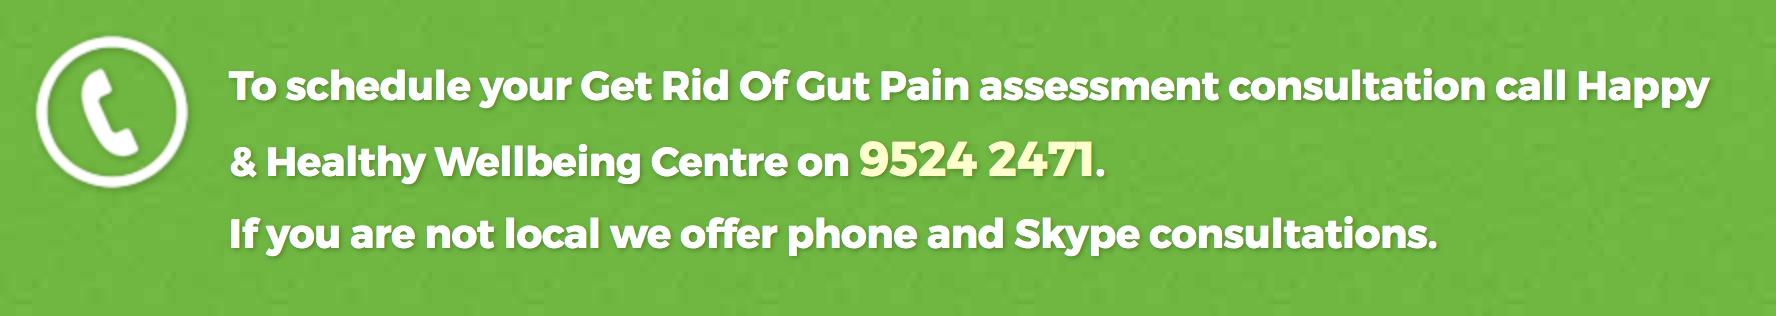 gut-pain-assessment